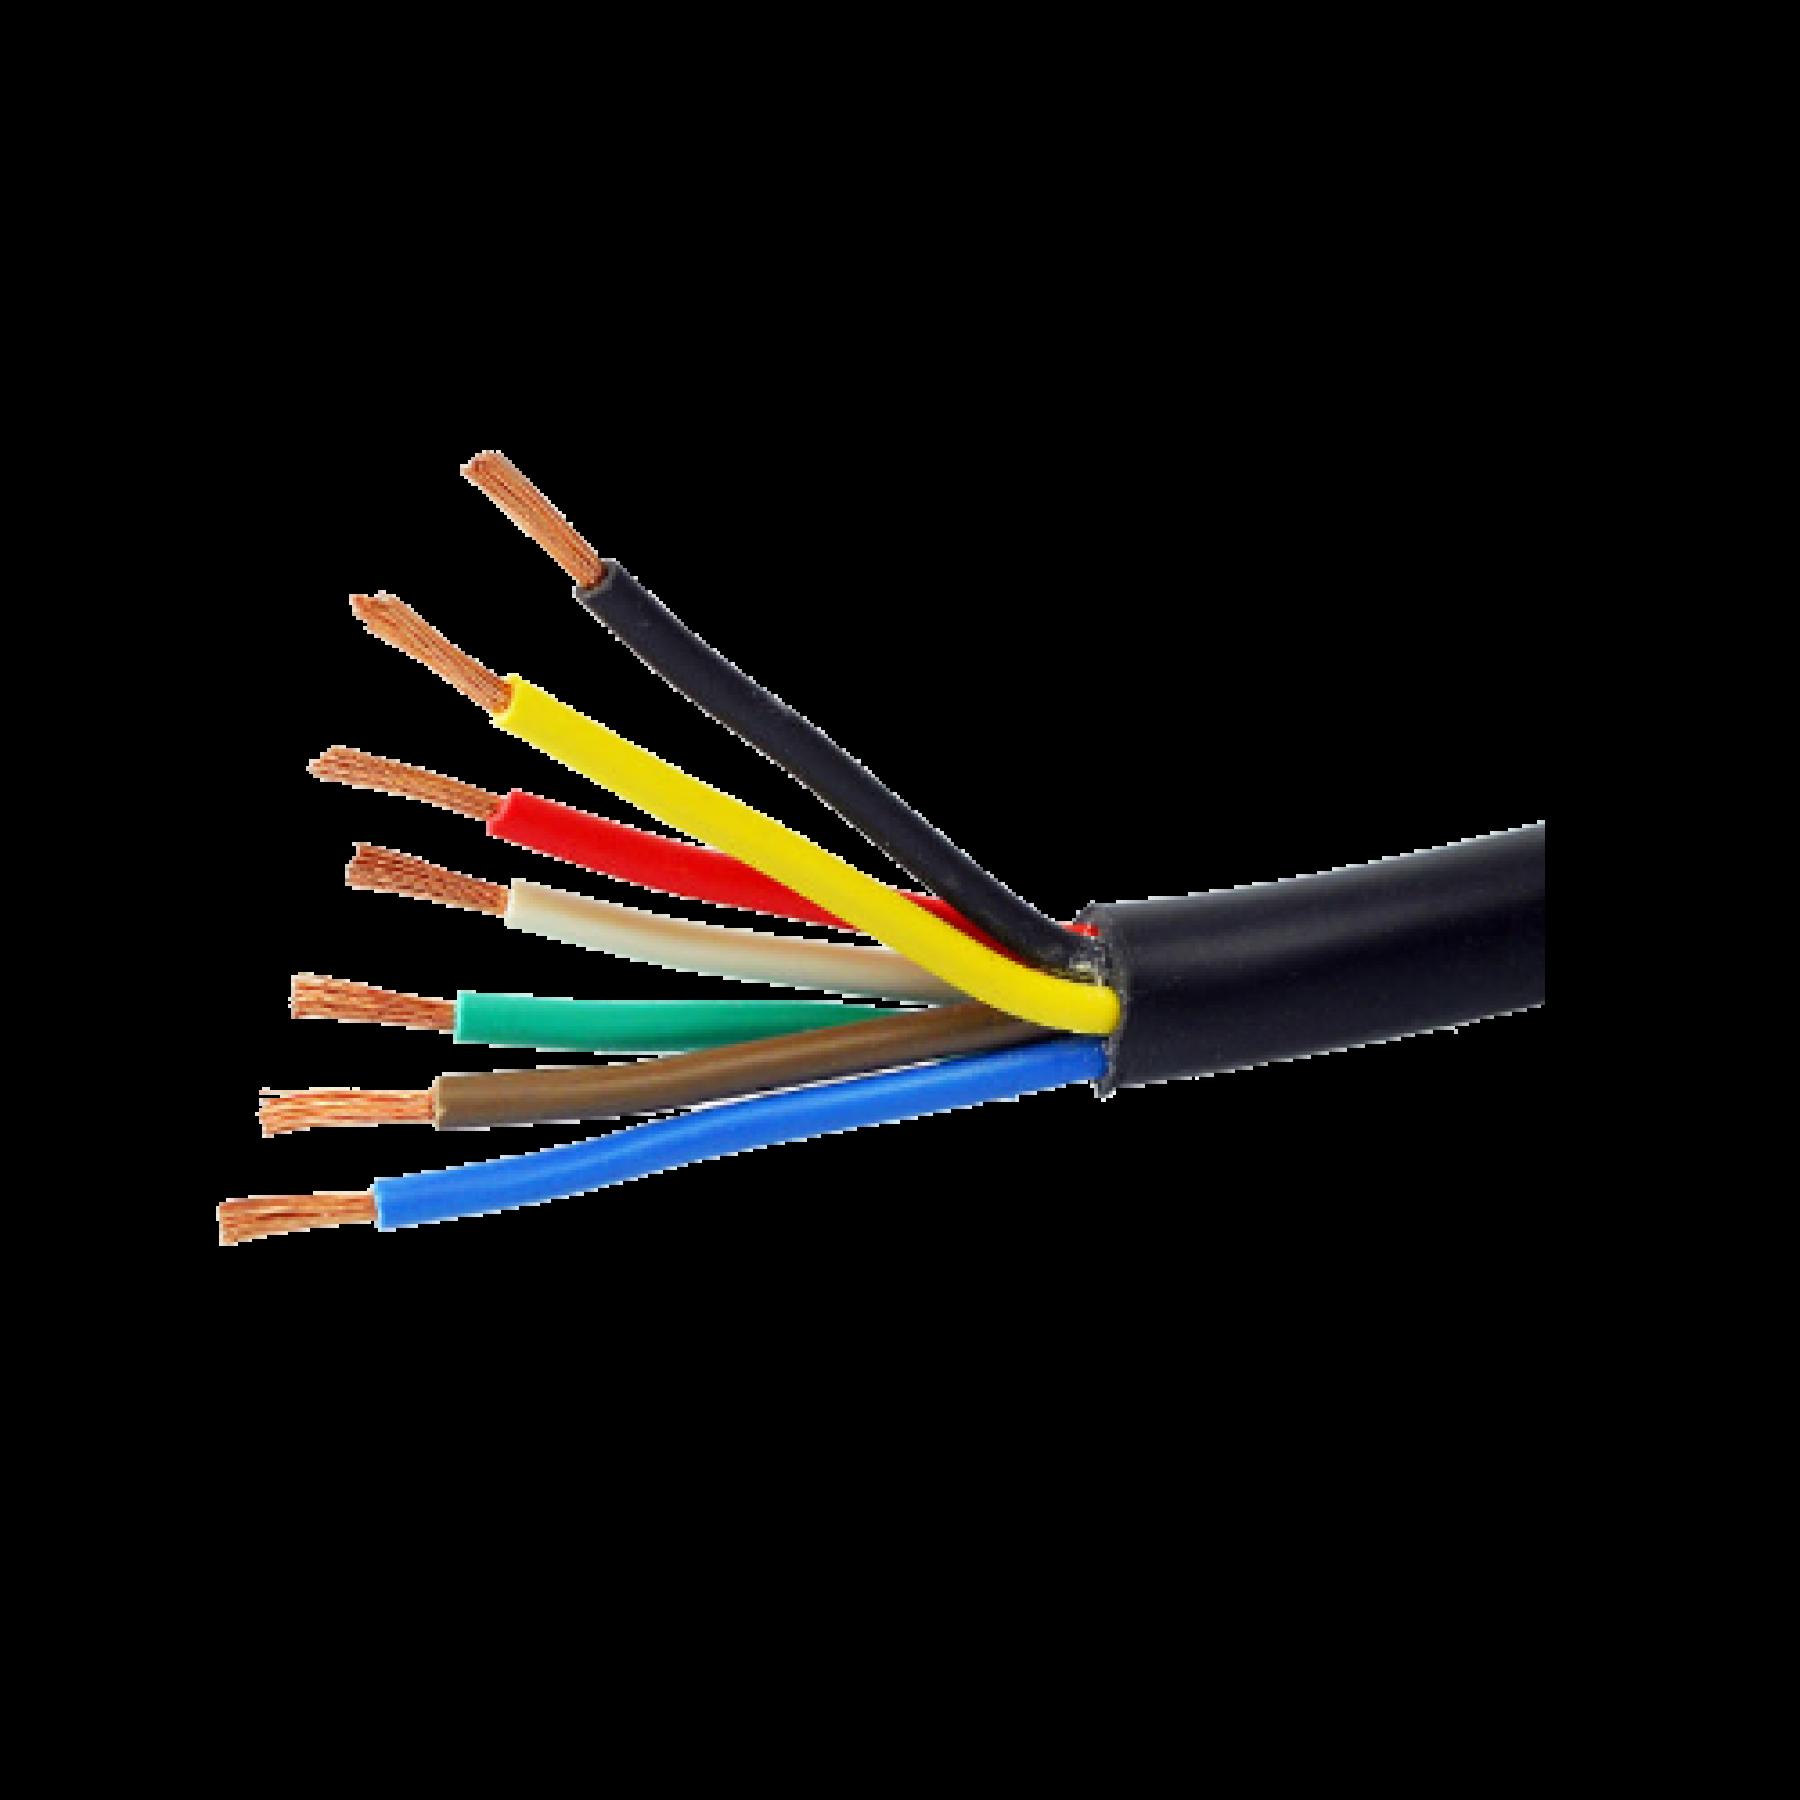 Kabel 7x1mmq rond 50m